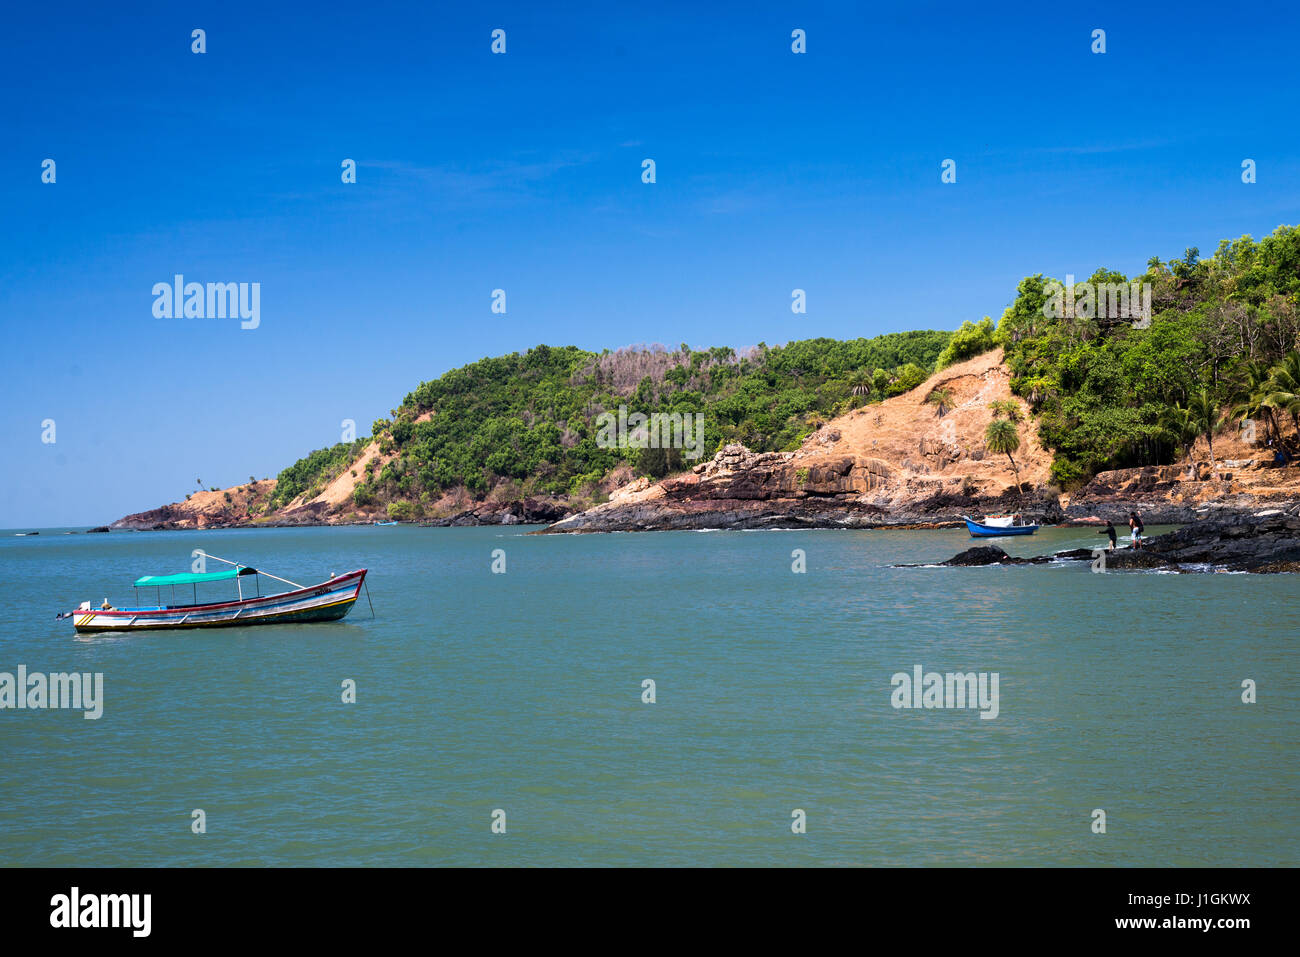 Sea shore boat - Stock Image